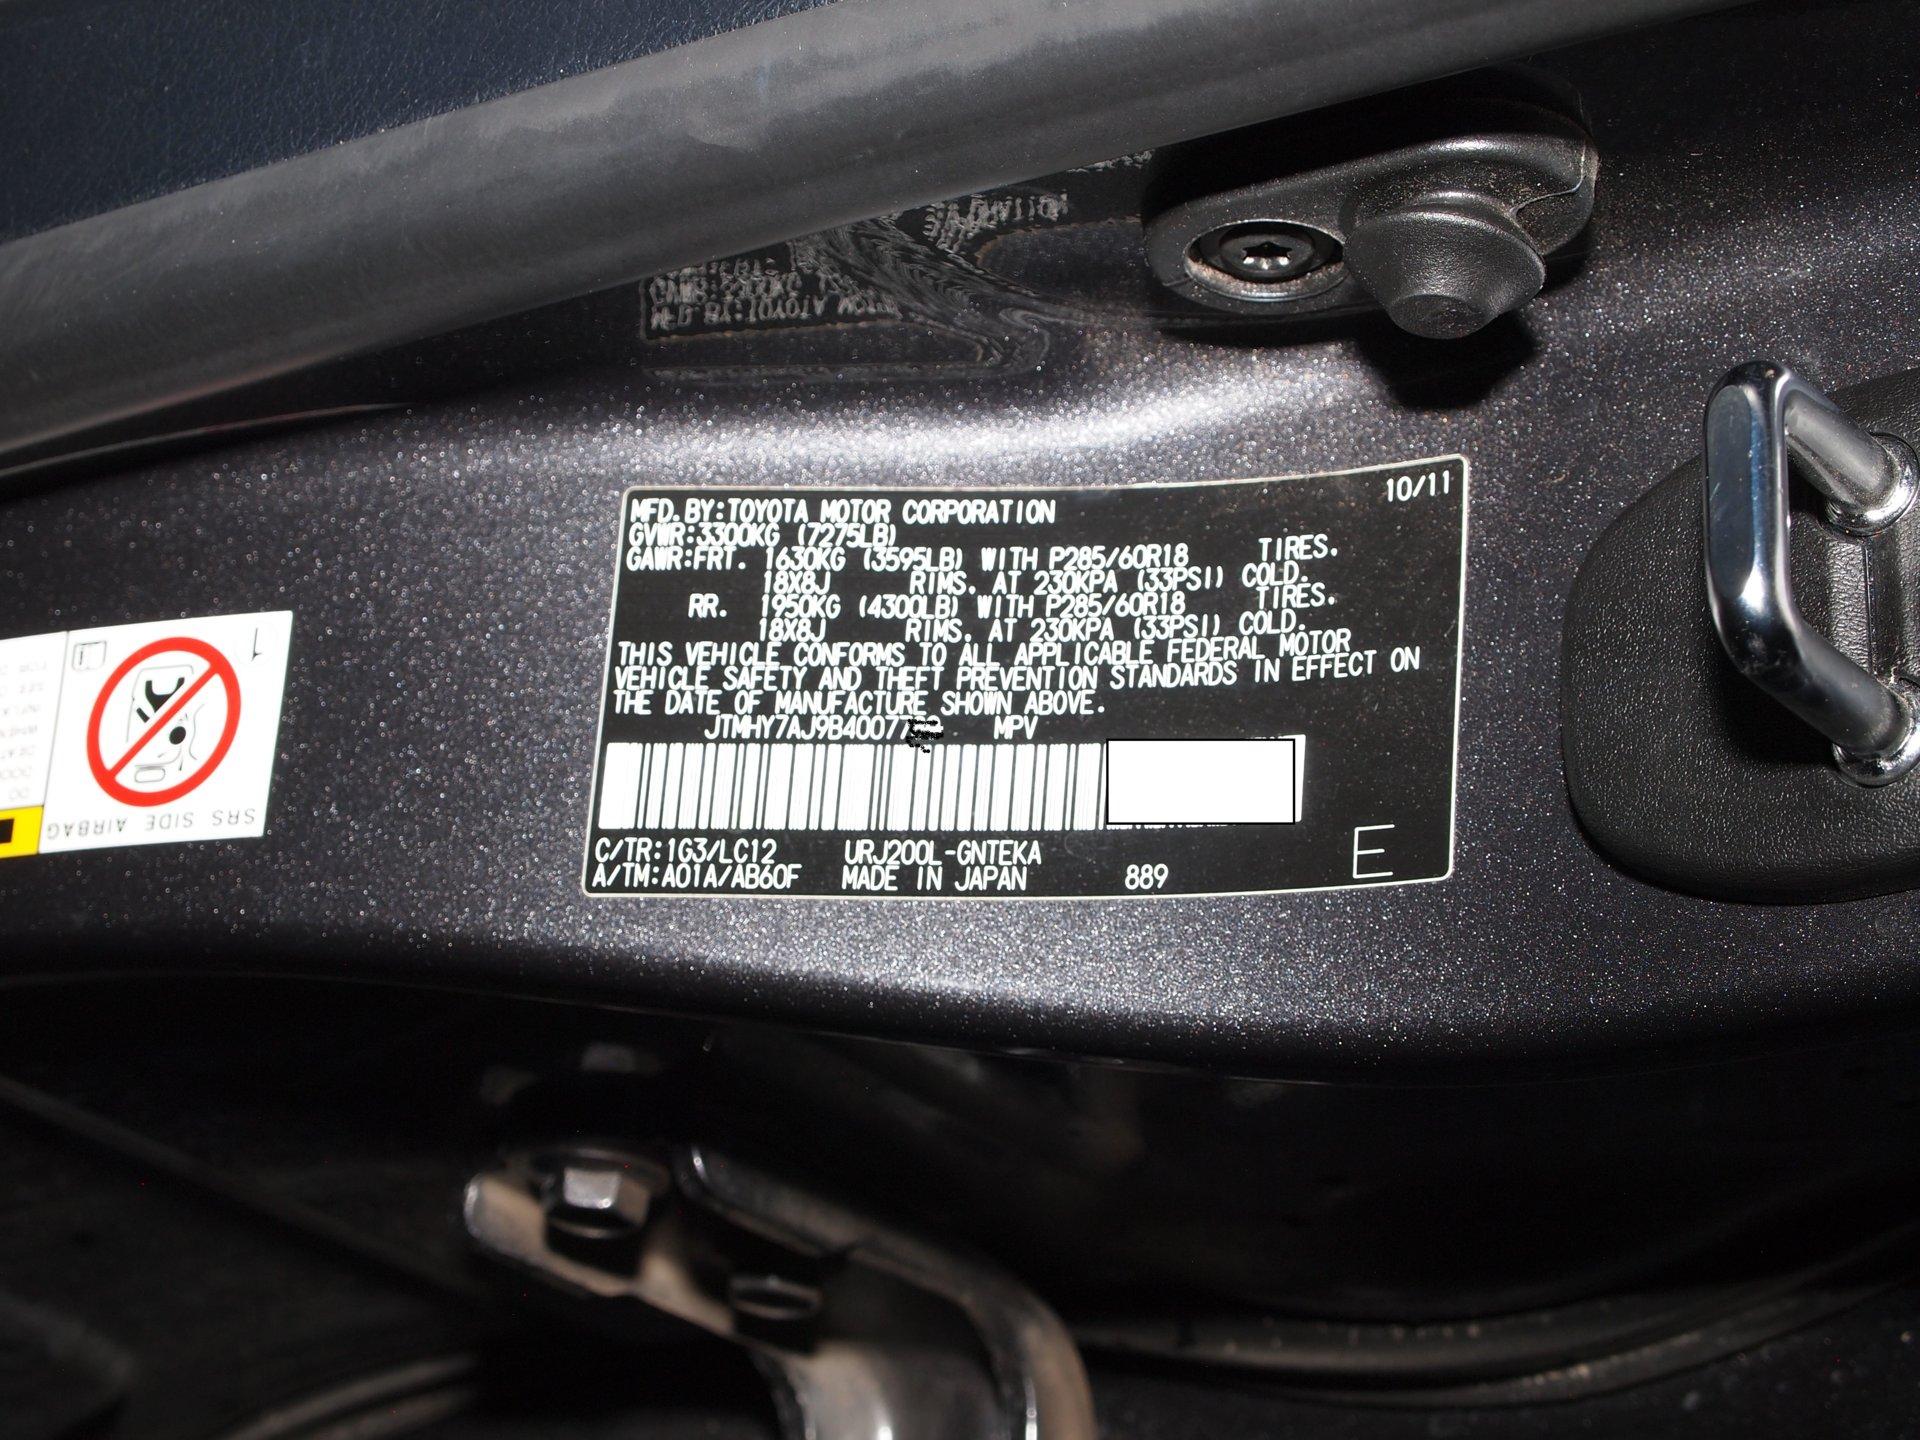 VIN door plate a.jpg